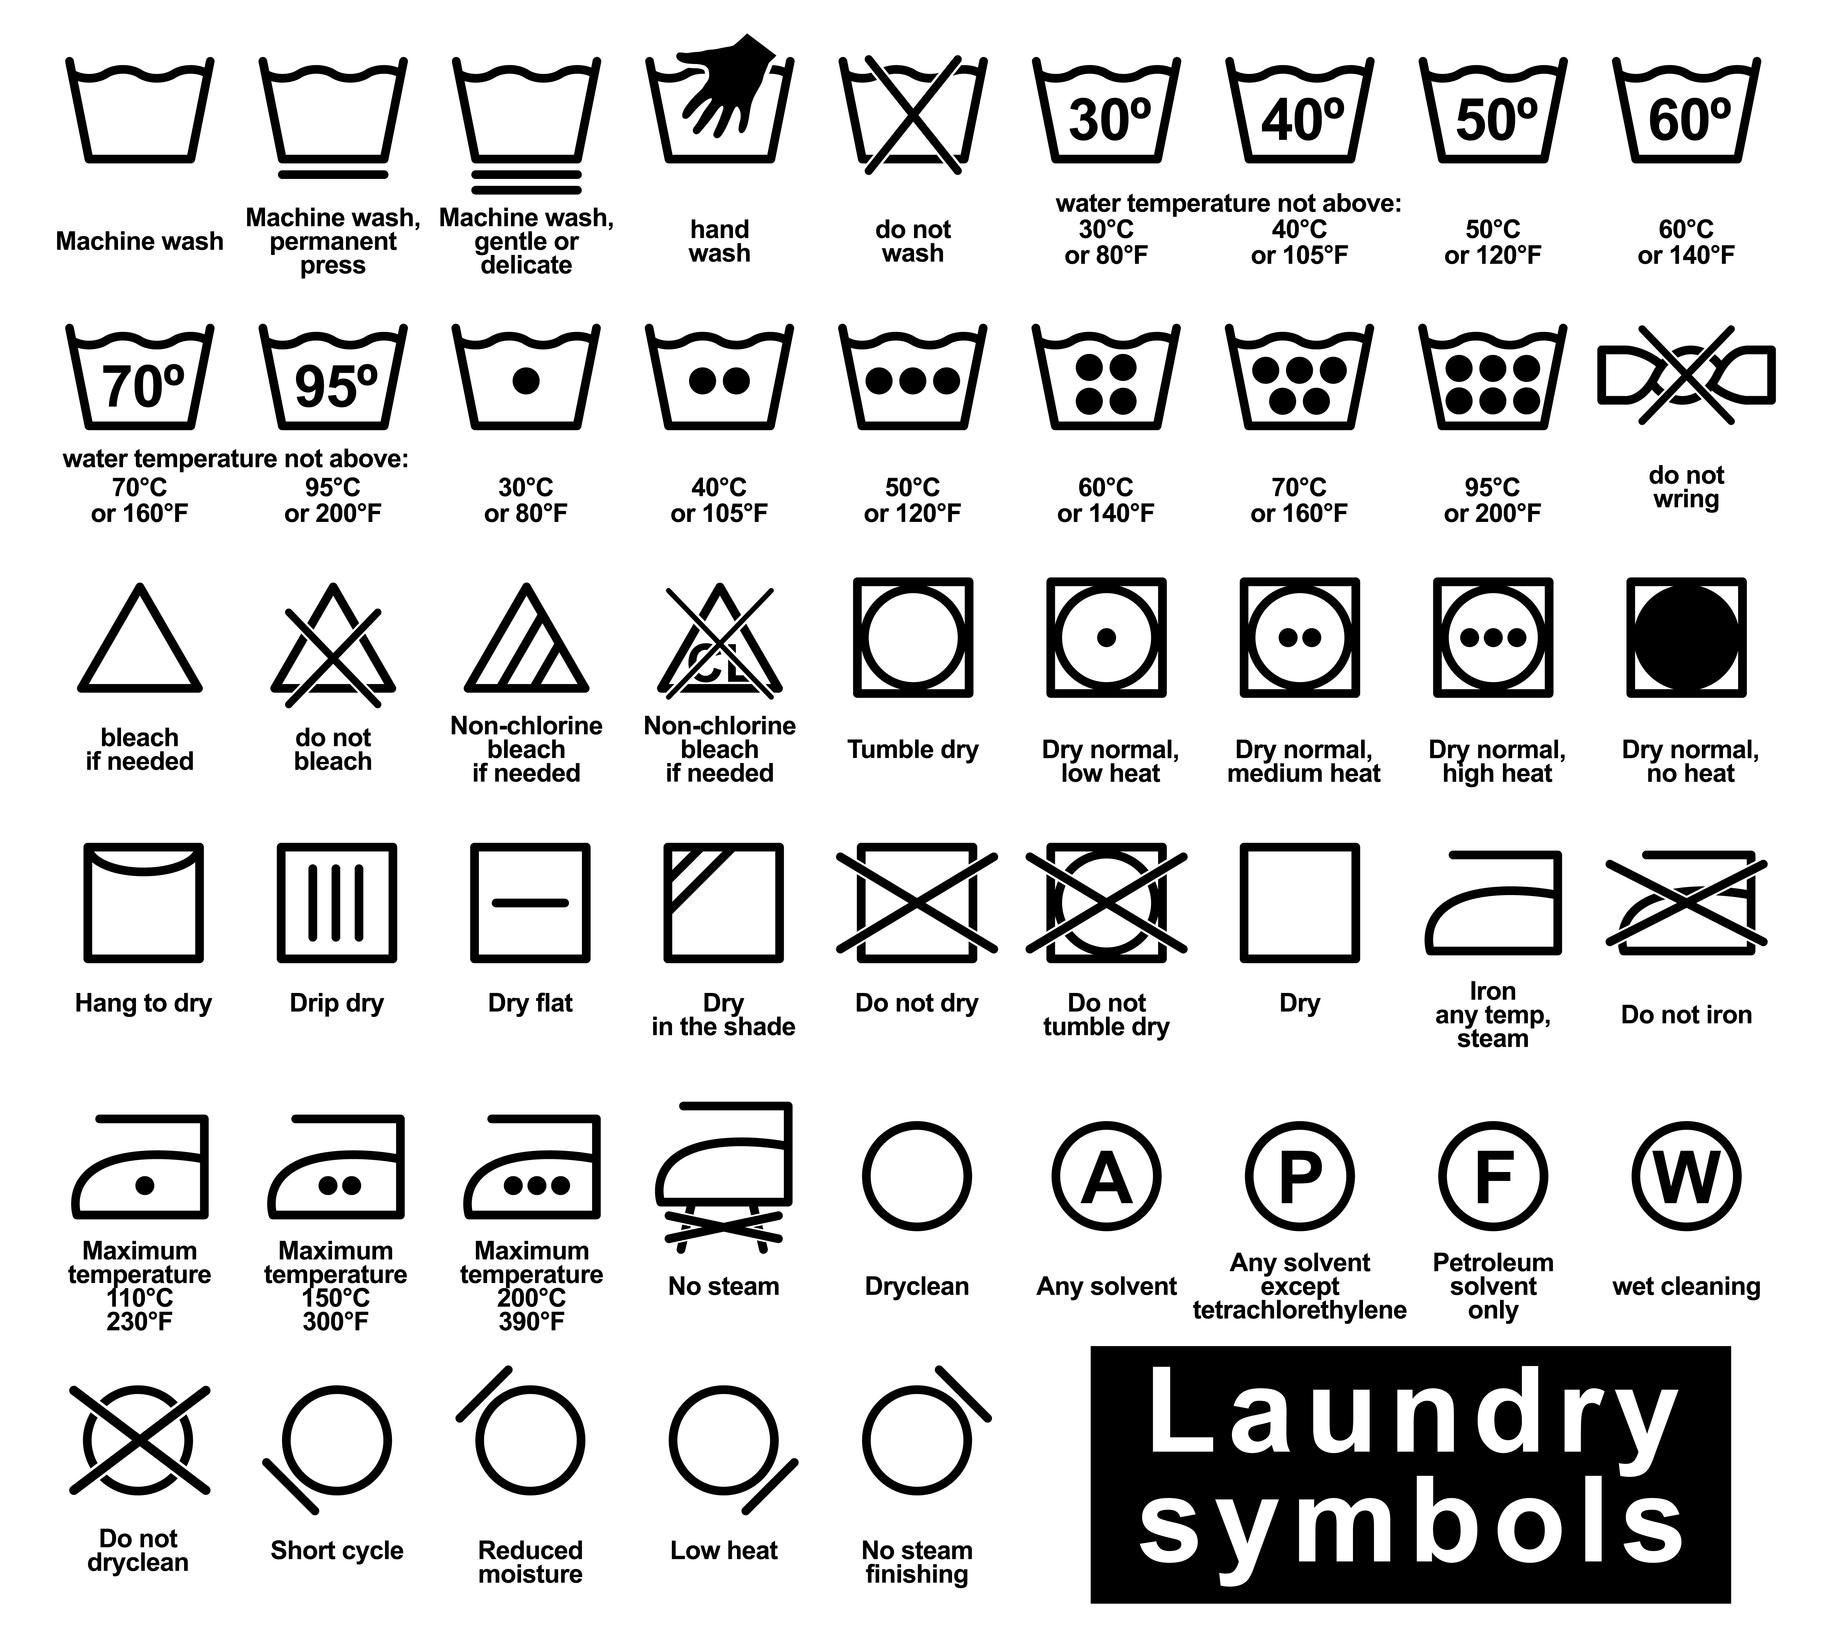 Laundry Symbols - Whistle \'n\' Flute